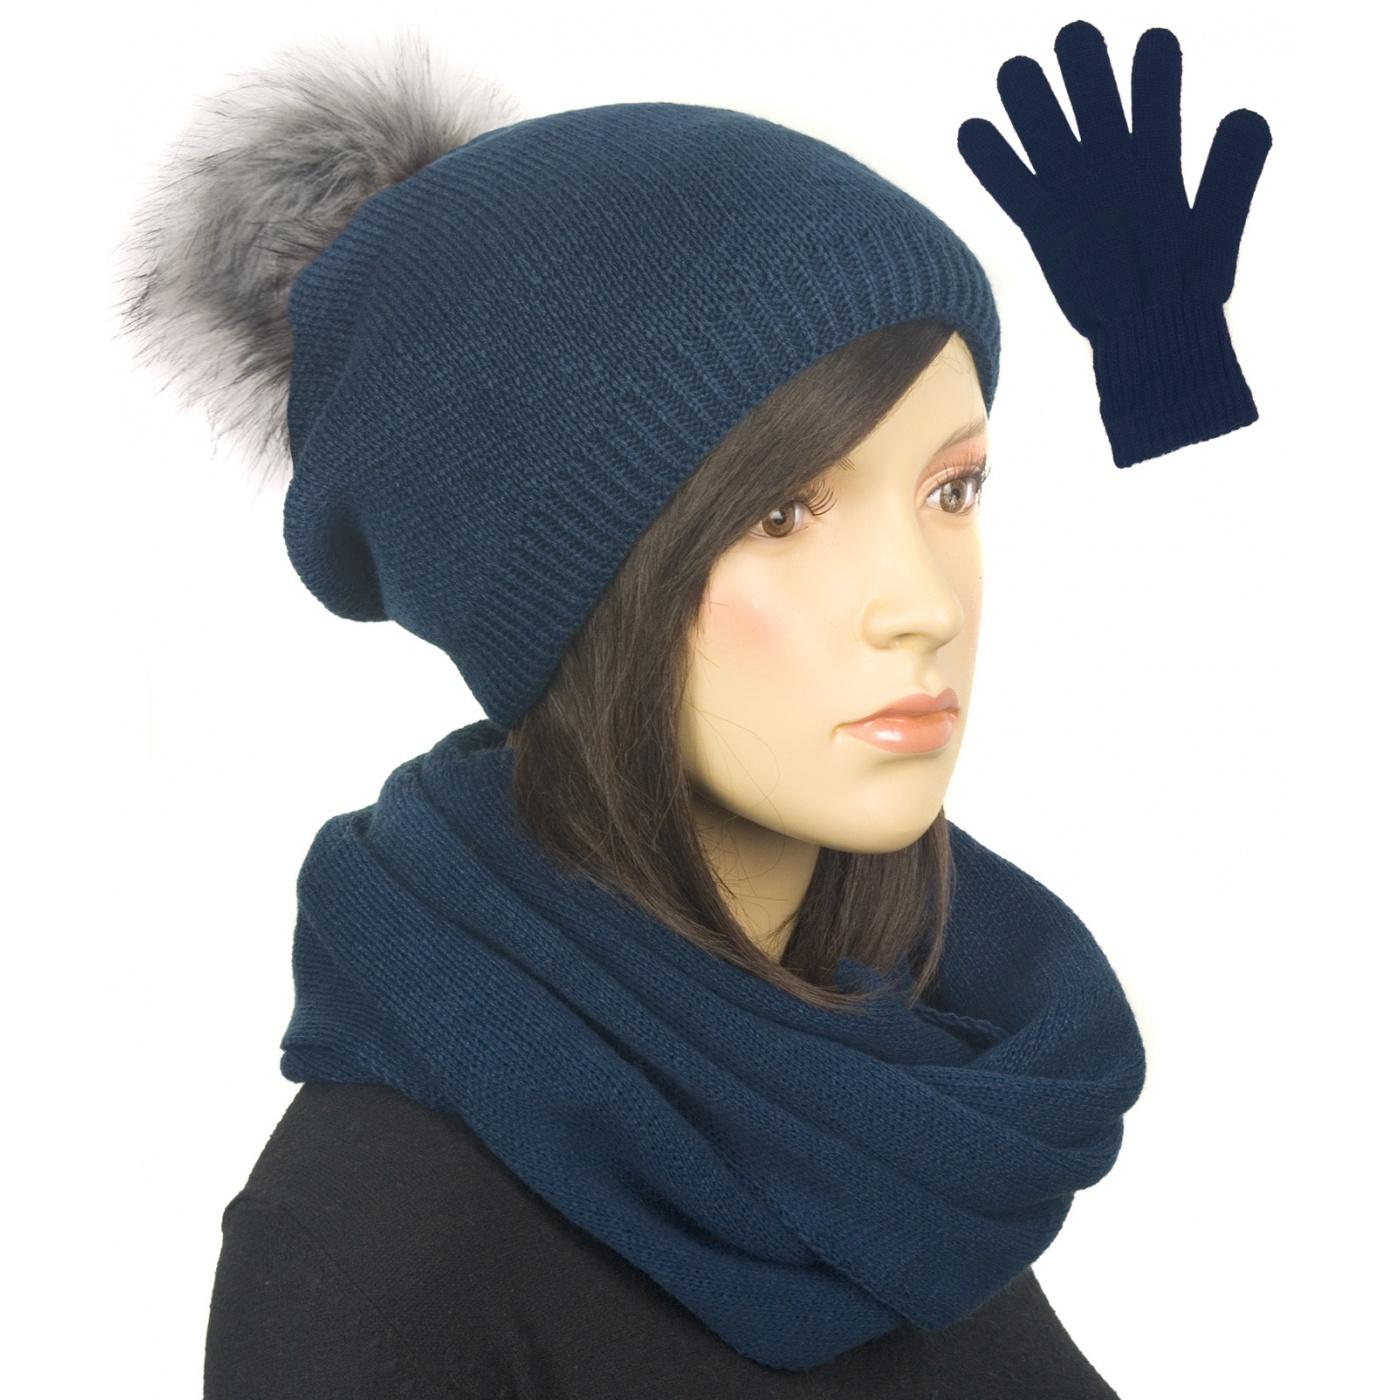 Komplet damski na zimę czapka z pomponem, komin i rękawiczki - granatowy